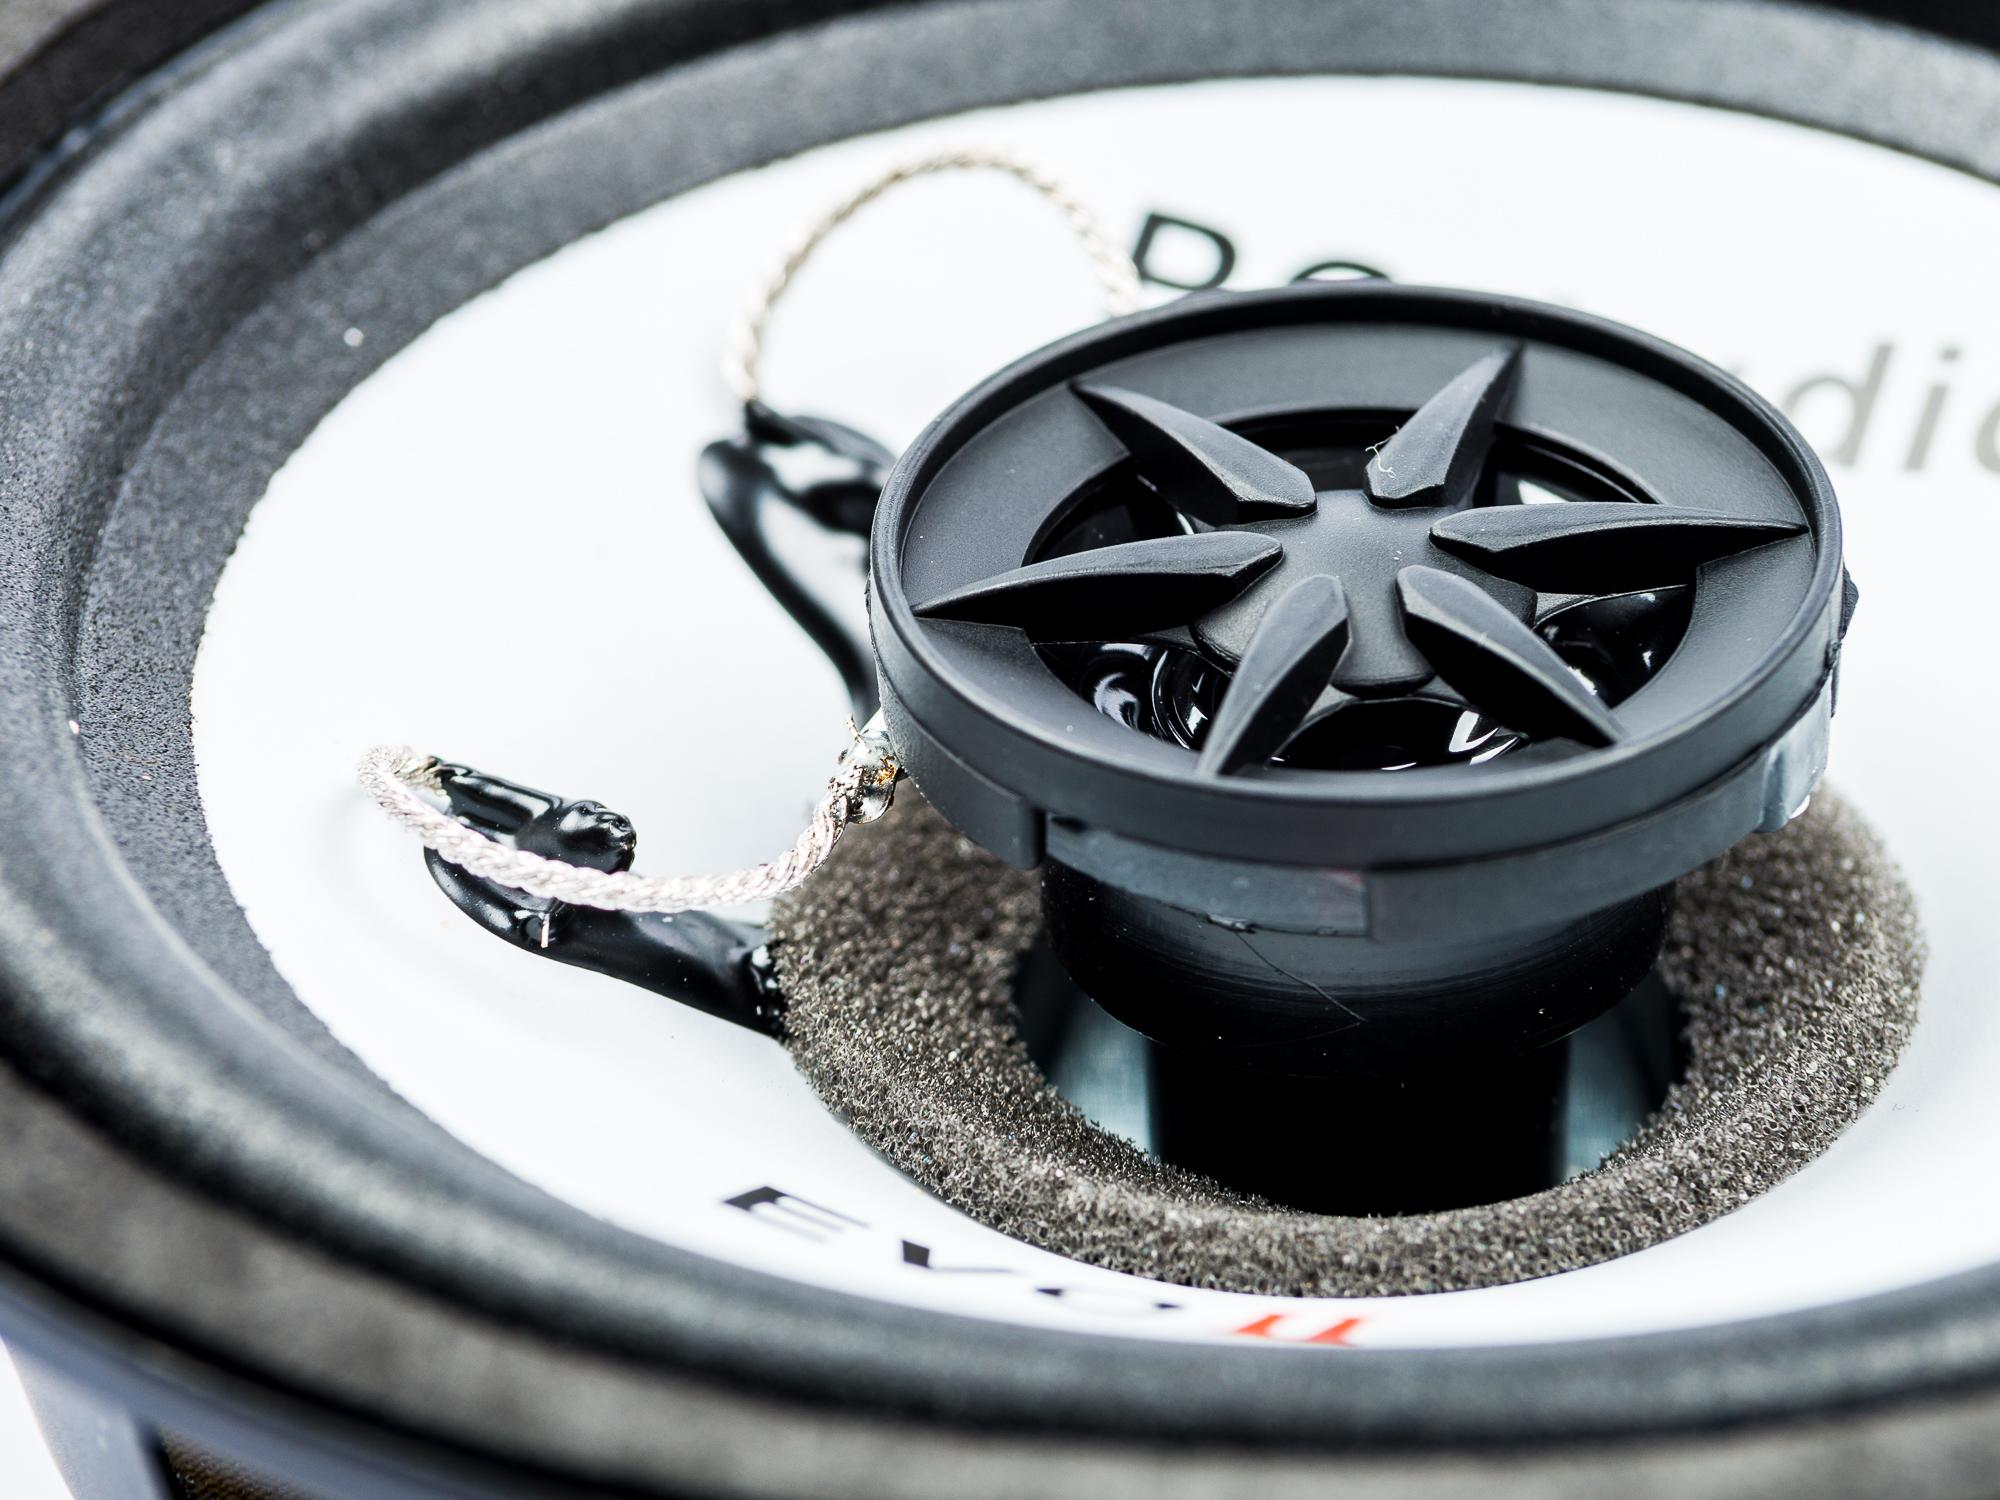 Ford Galaxy Lautsprecher Einbauset Tür vorne und hinten PG Audio – Bild 4